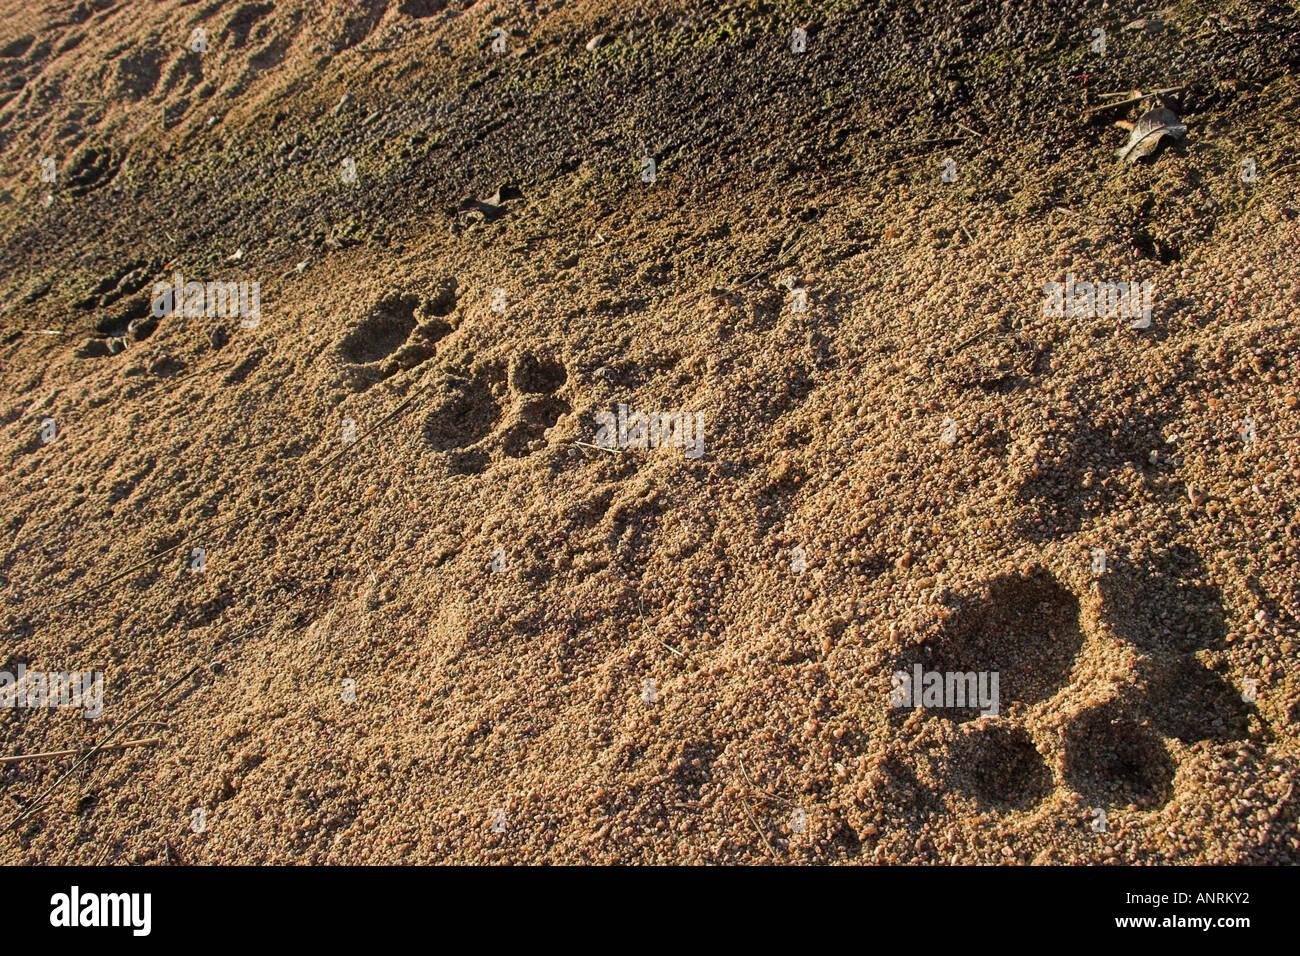 fresh lion paw prints